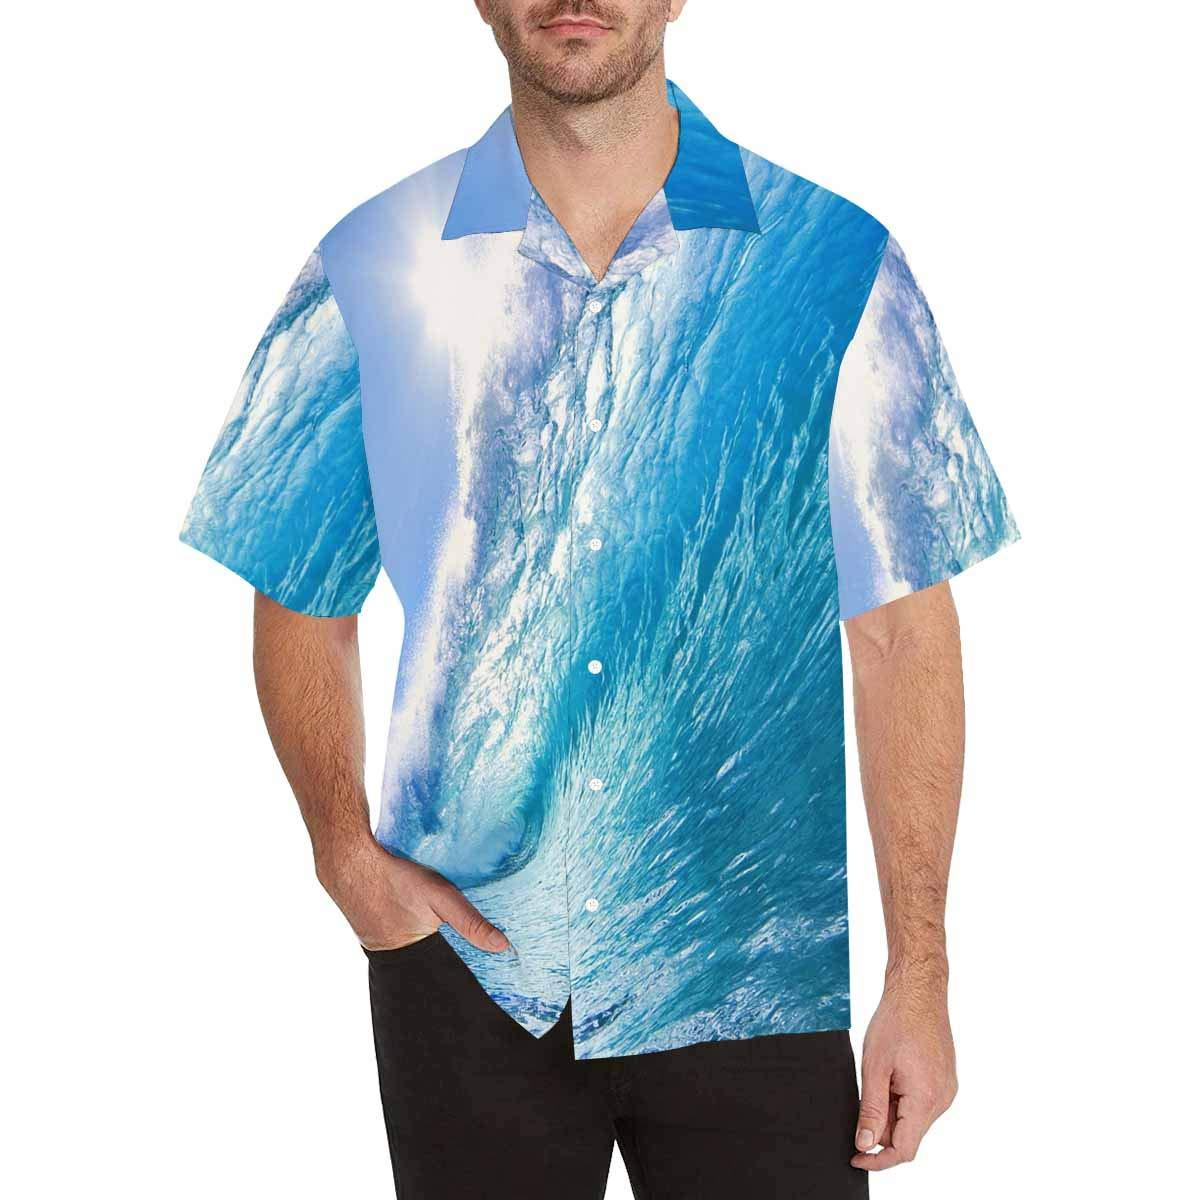 InterestPrint Blue Ocean Wave Shirts Short Sleeve Shirt